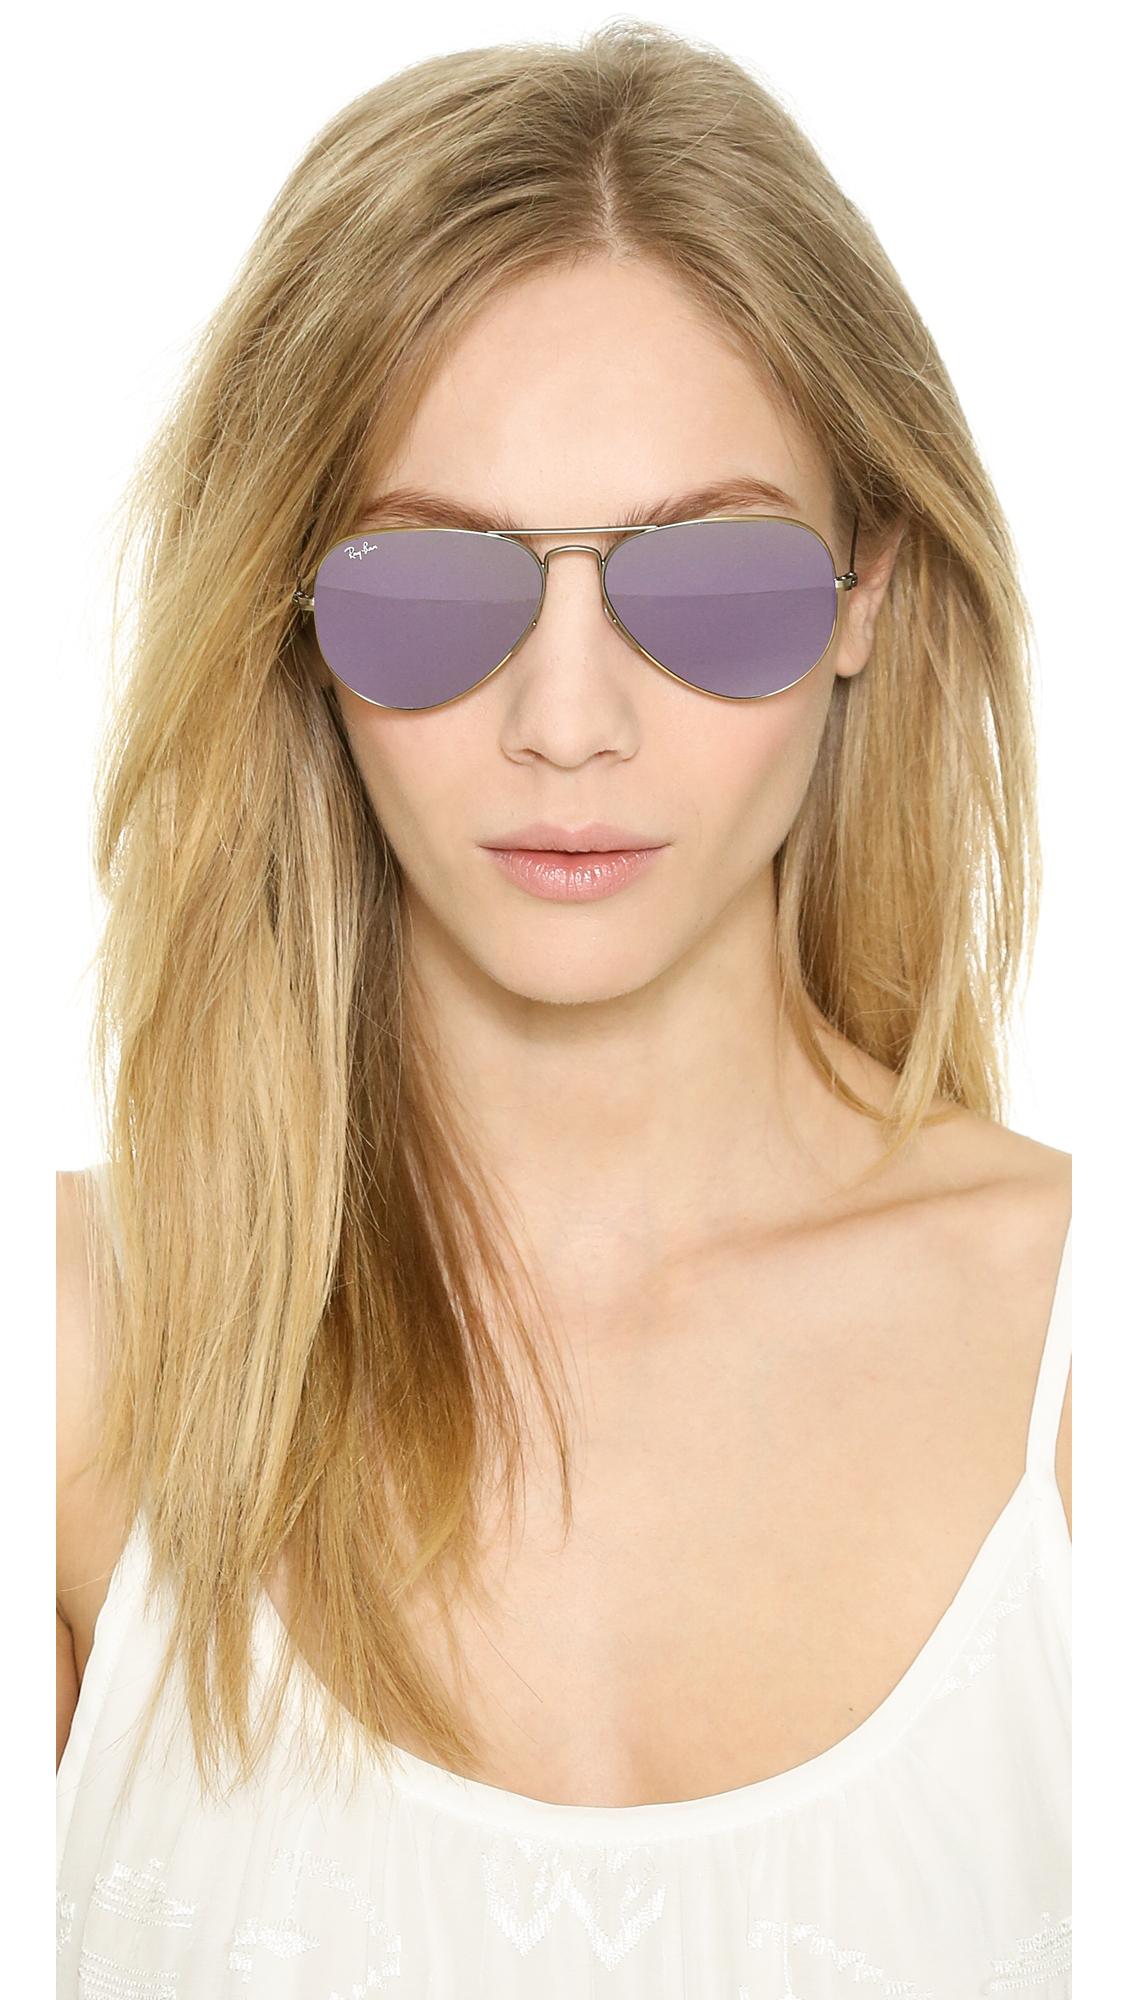 Lyst Ray Ban Mirrored Aviator Sunglasses Bronze Purple